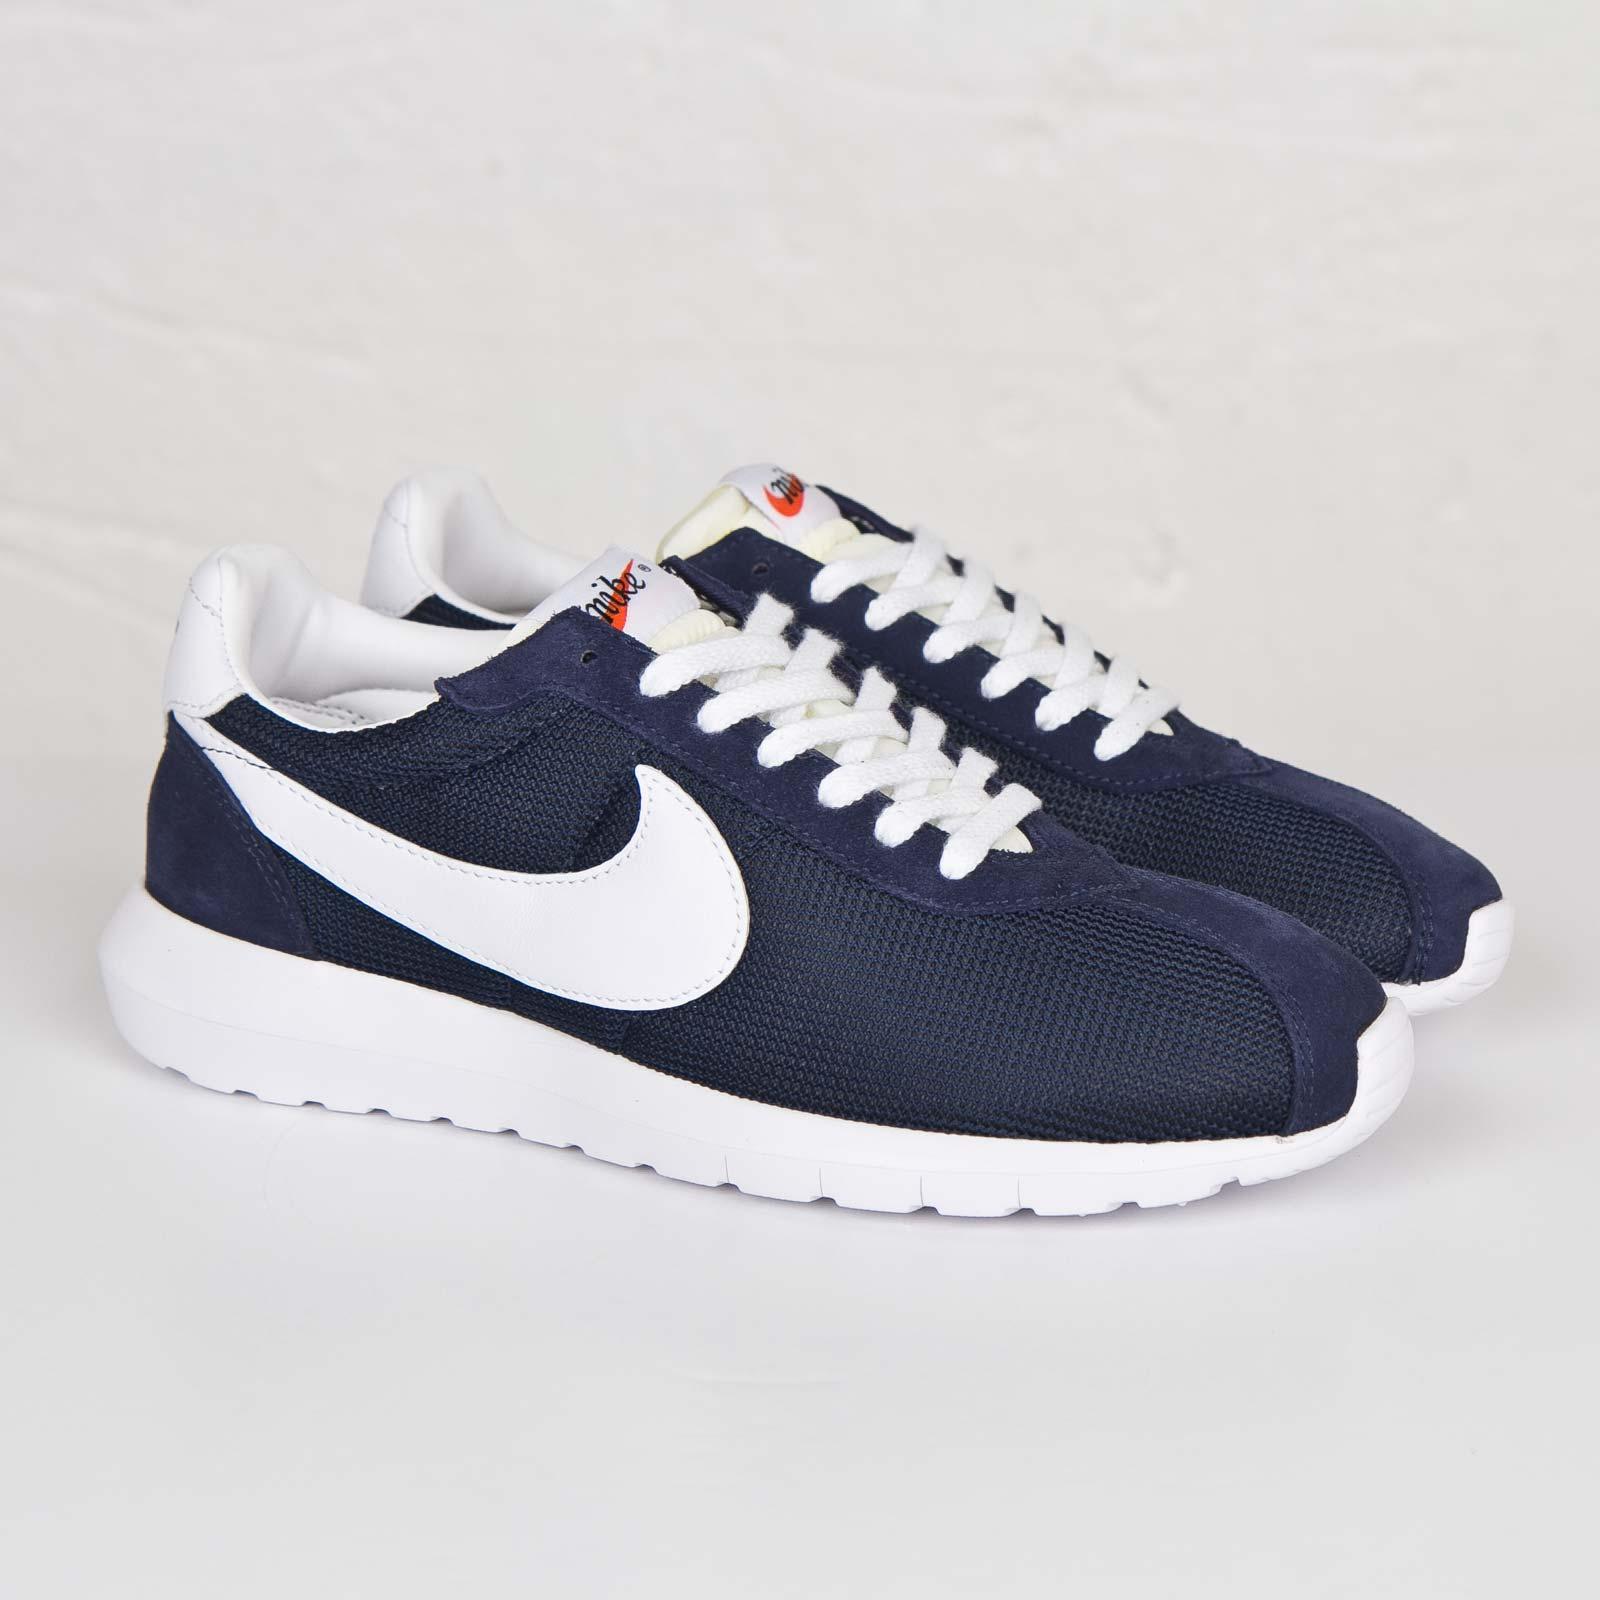 Nike Roshe LD 1000 QS 802022 401 Sneakersnstuff